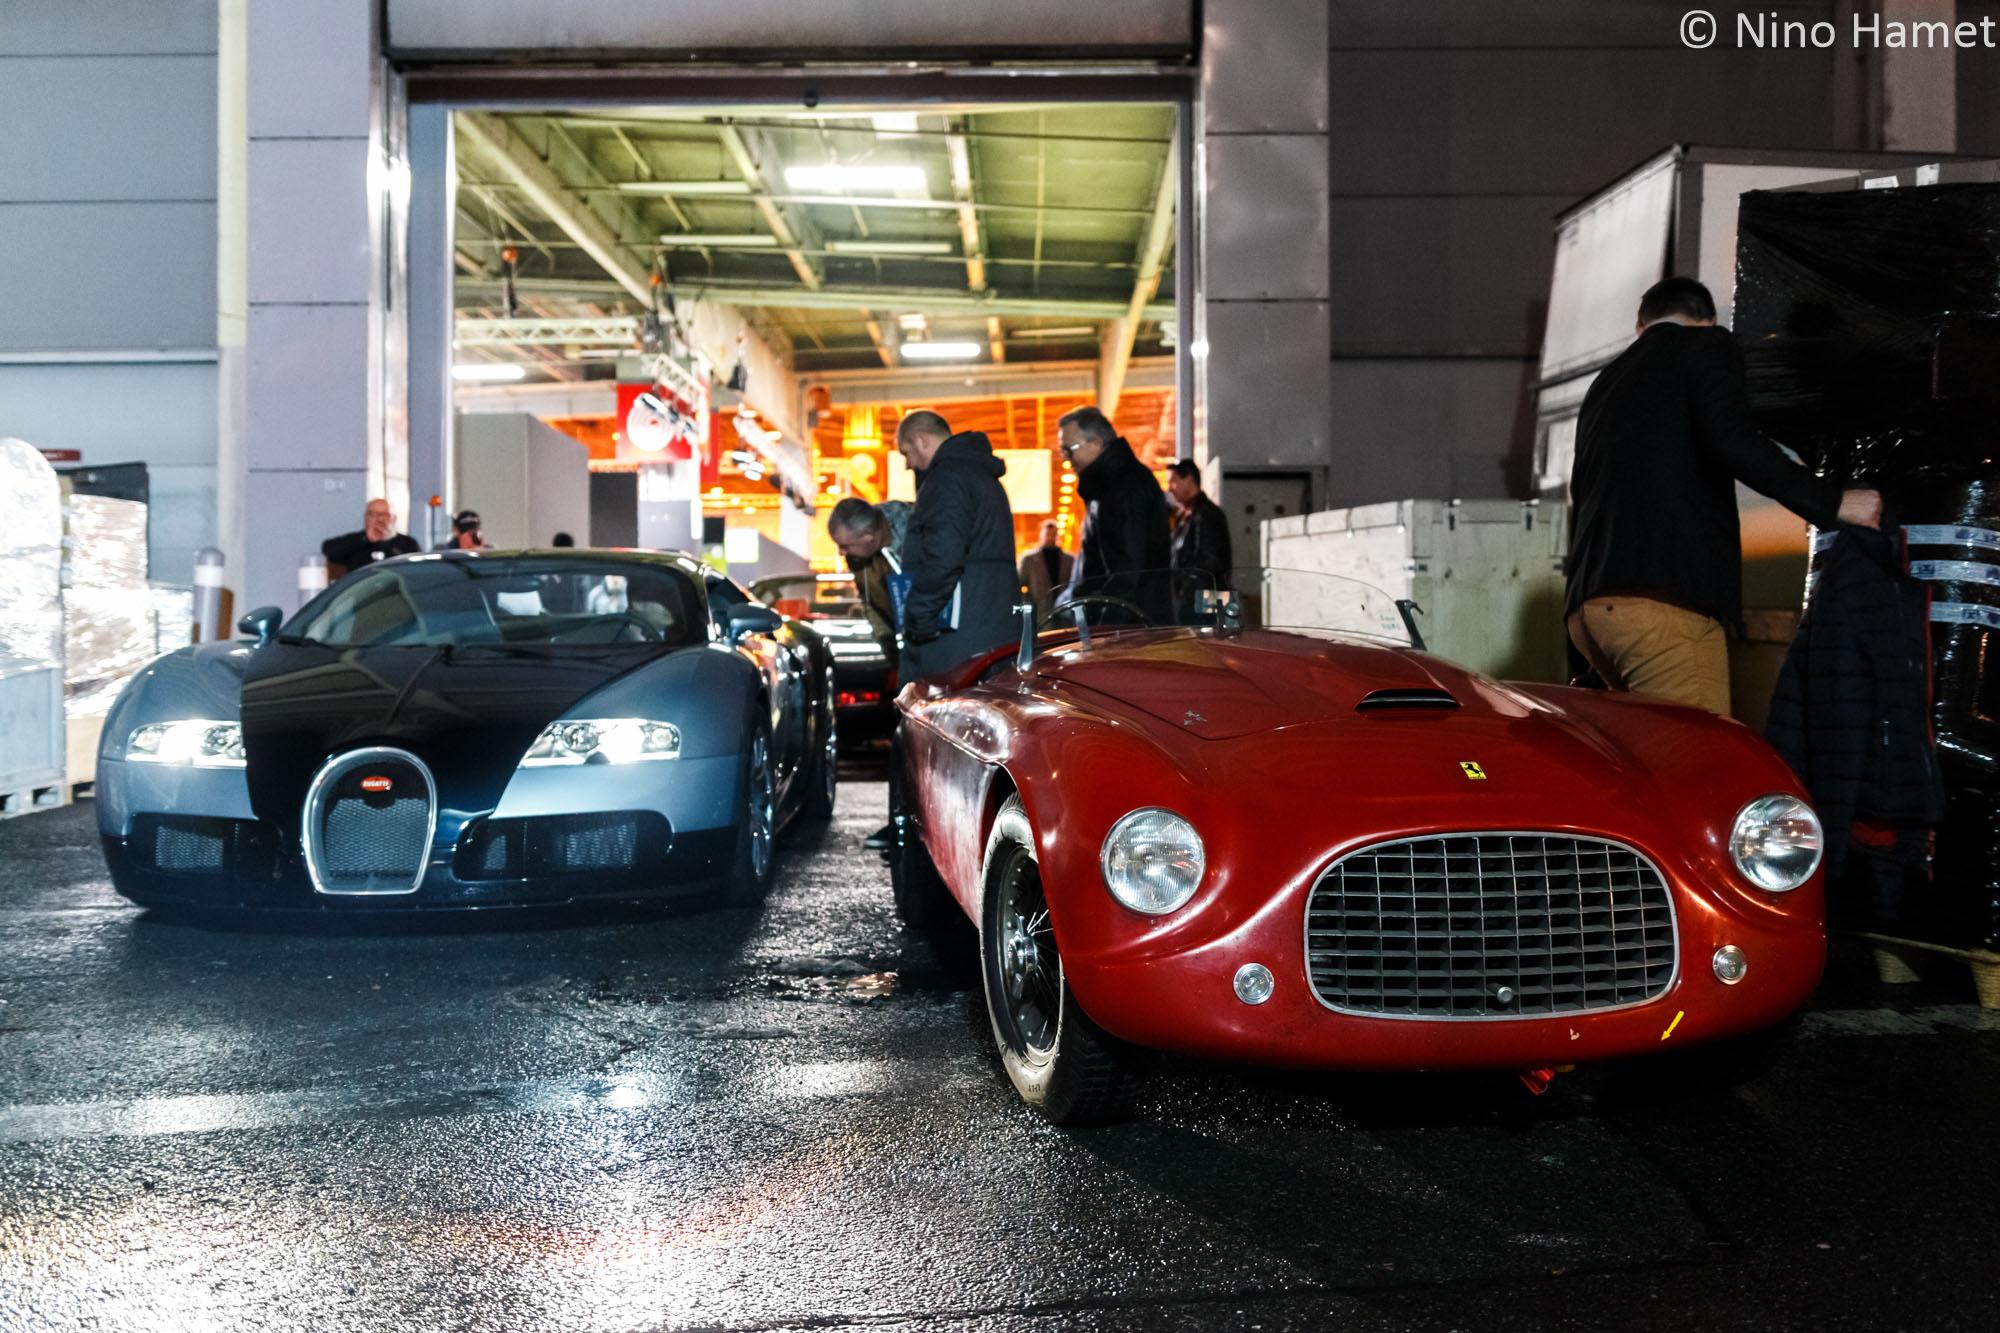 Bugatti Veyron & Ferrari 166 MM